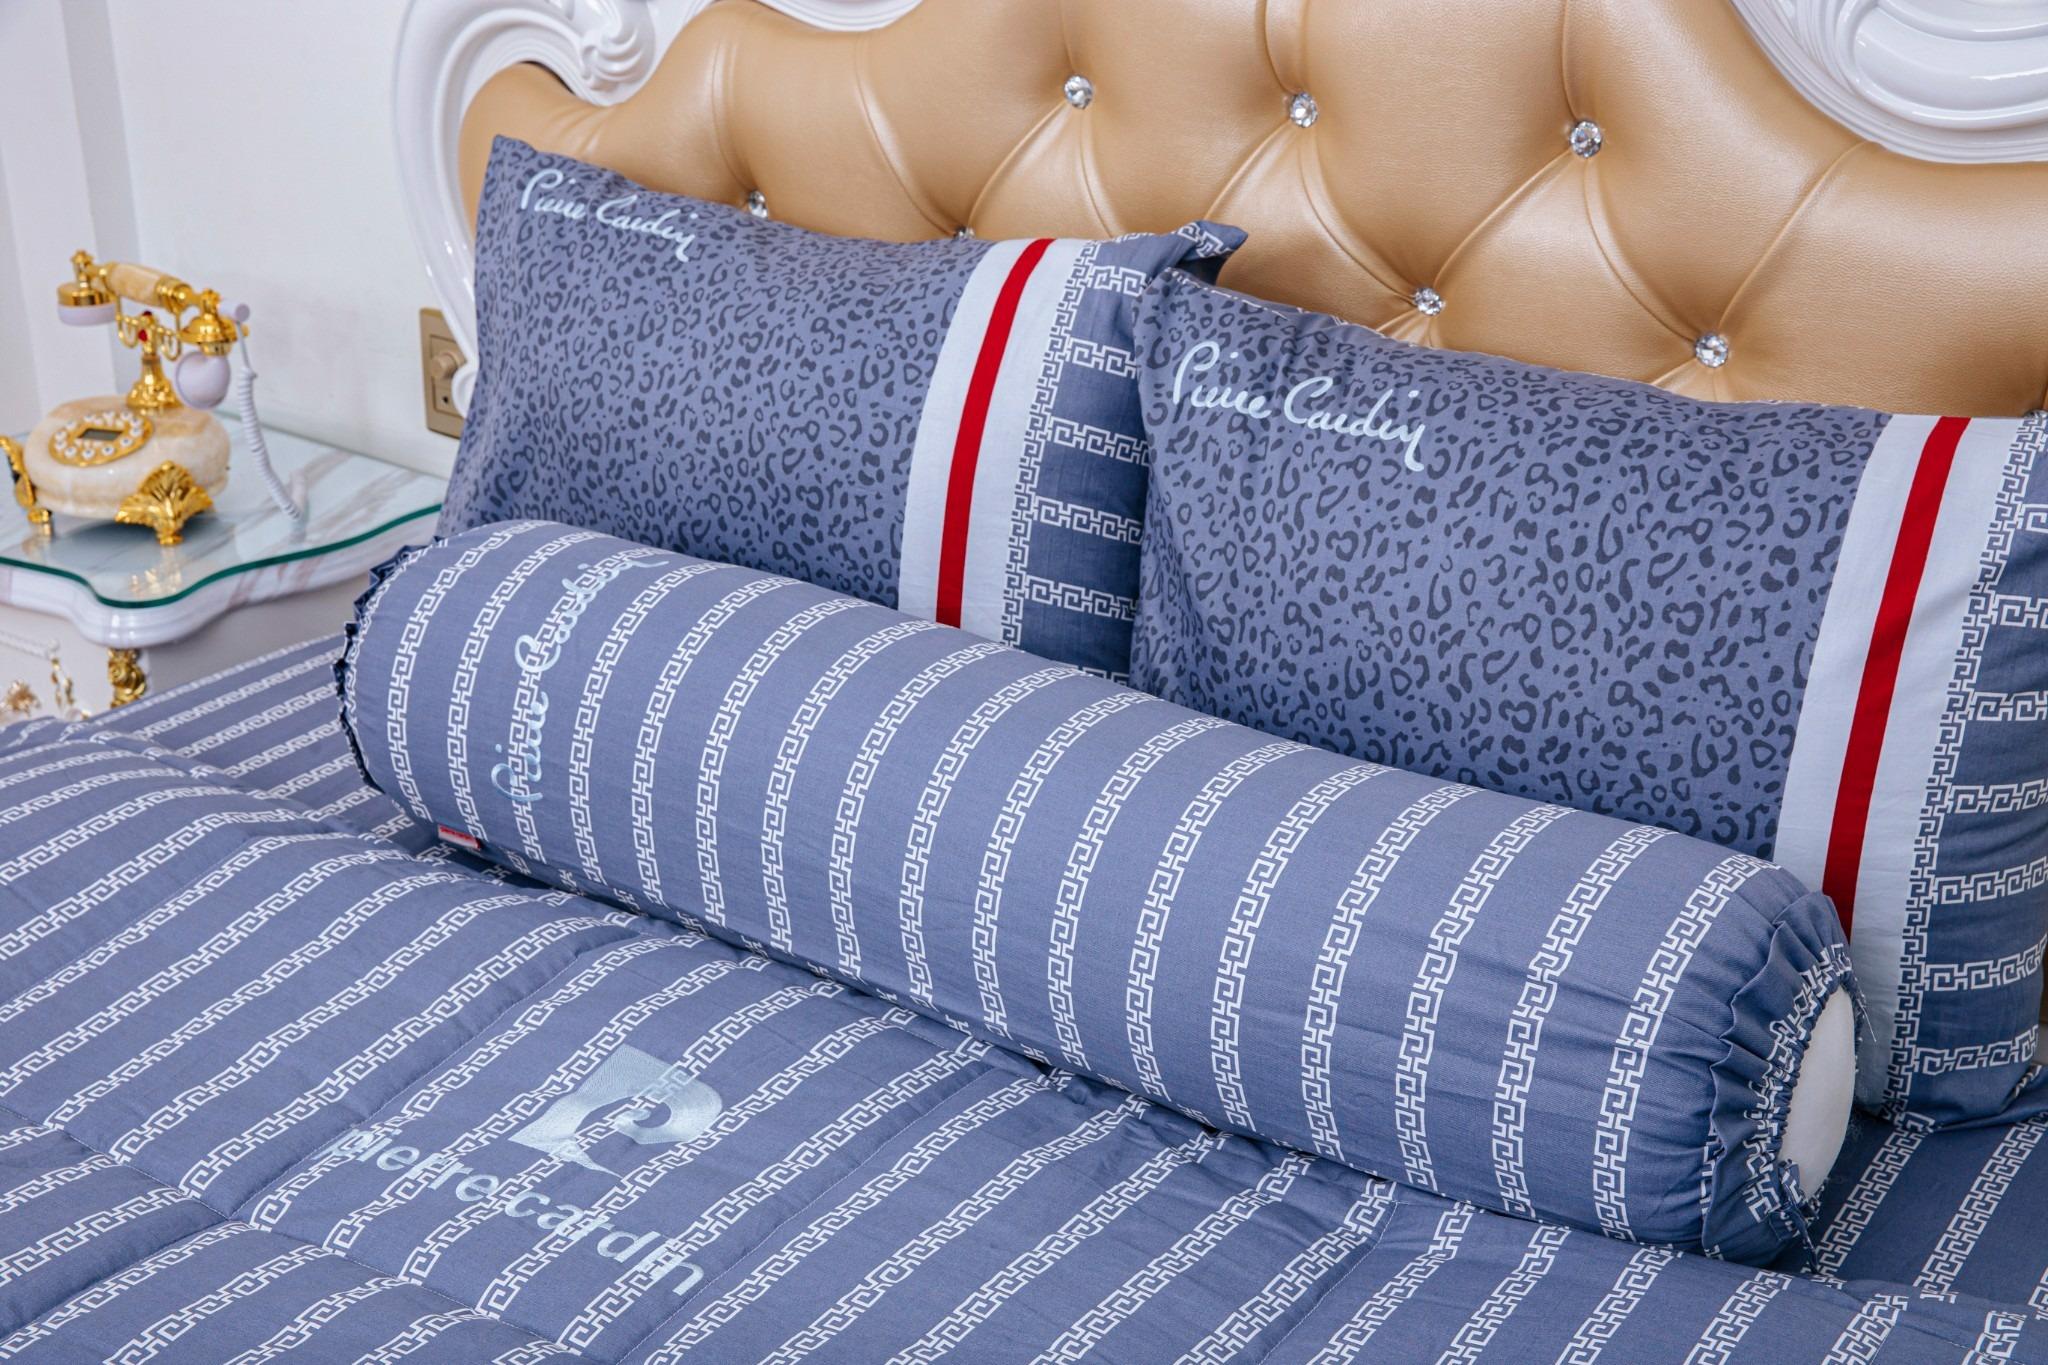 Bộ drap da beo xanh cotton Pierre Cardin hợp với người thích các họa tiết cỡ nhỏ, sọc dọc. Tông màu xanh biển tươi mát. Chất liệu thoáng khí, thấm hút mồ hôi, cho cảm giác mát lạnh khi chạm vào.  Đường may chắc chắn, tỉ mỉ giúp hạn chế tình trạng bung, đứt chỉ trong quá trình sử dụng. Drap giường có đủ các kích cỡ 1,4 m, 1,6 m và 1,8 m x 2 m với cùng mức giá 1,17 triệu đồng.